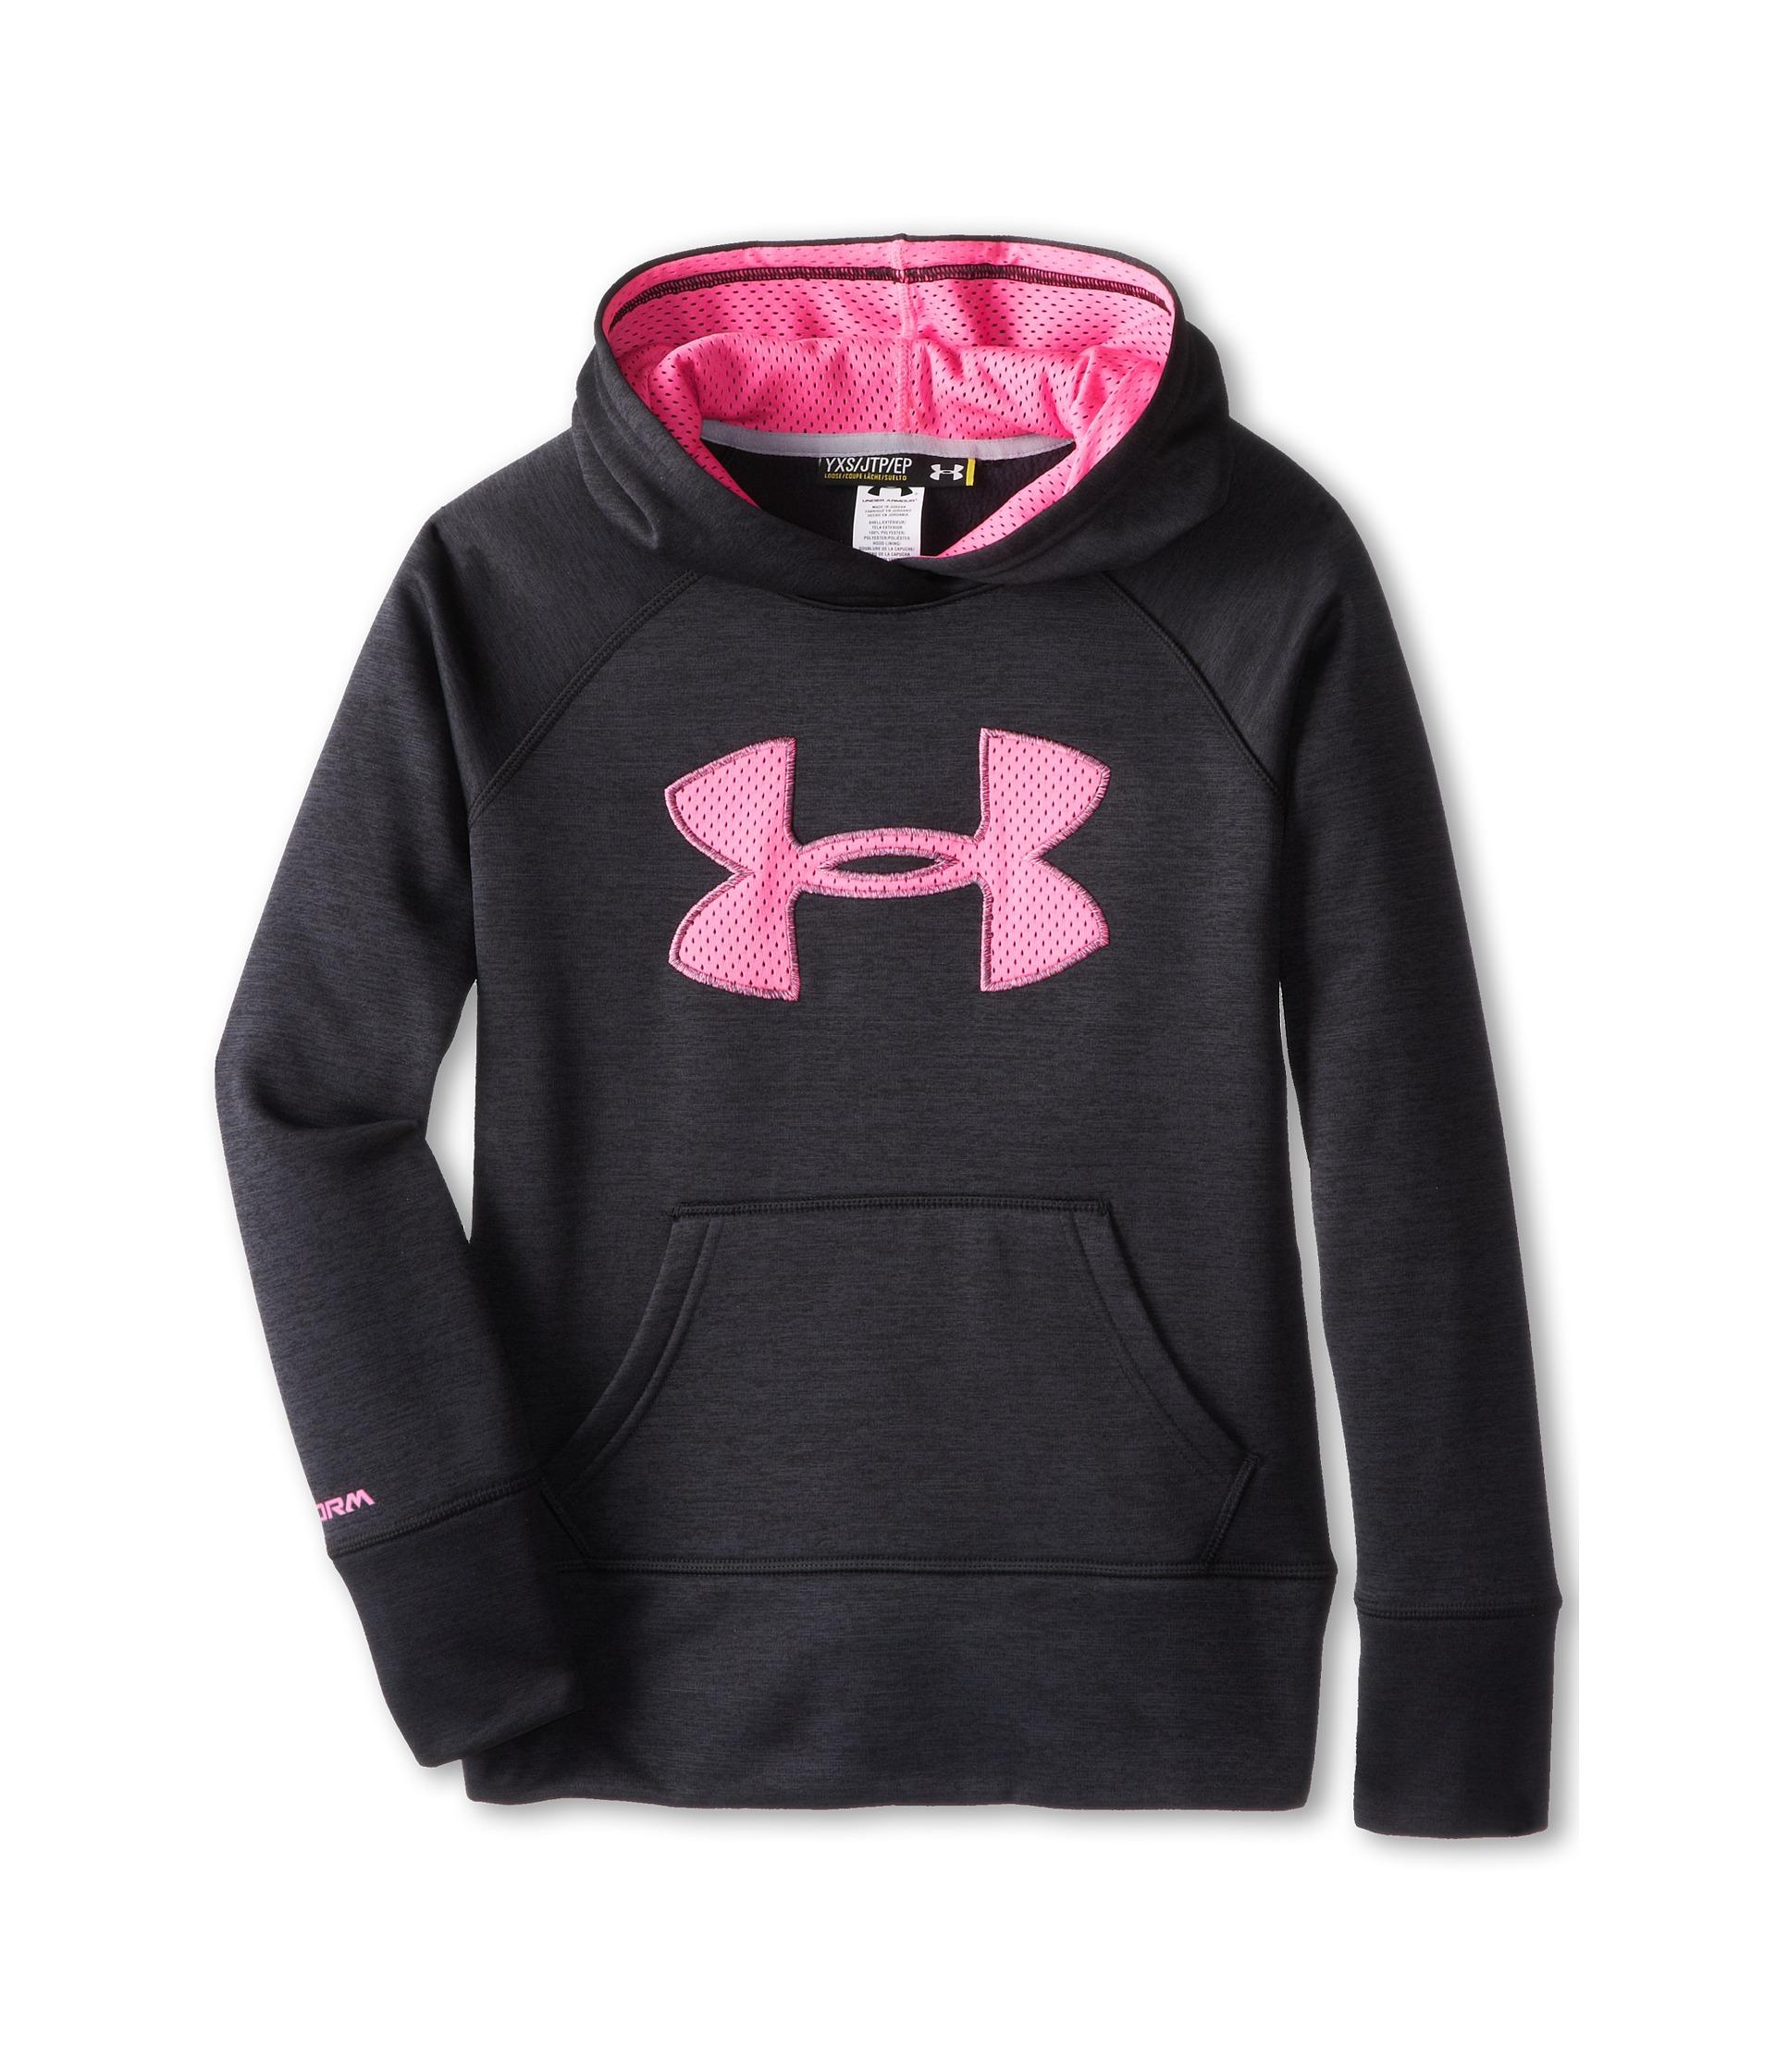 Under armour sweatshirts for kids girls